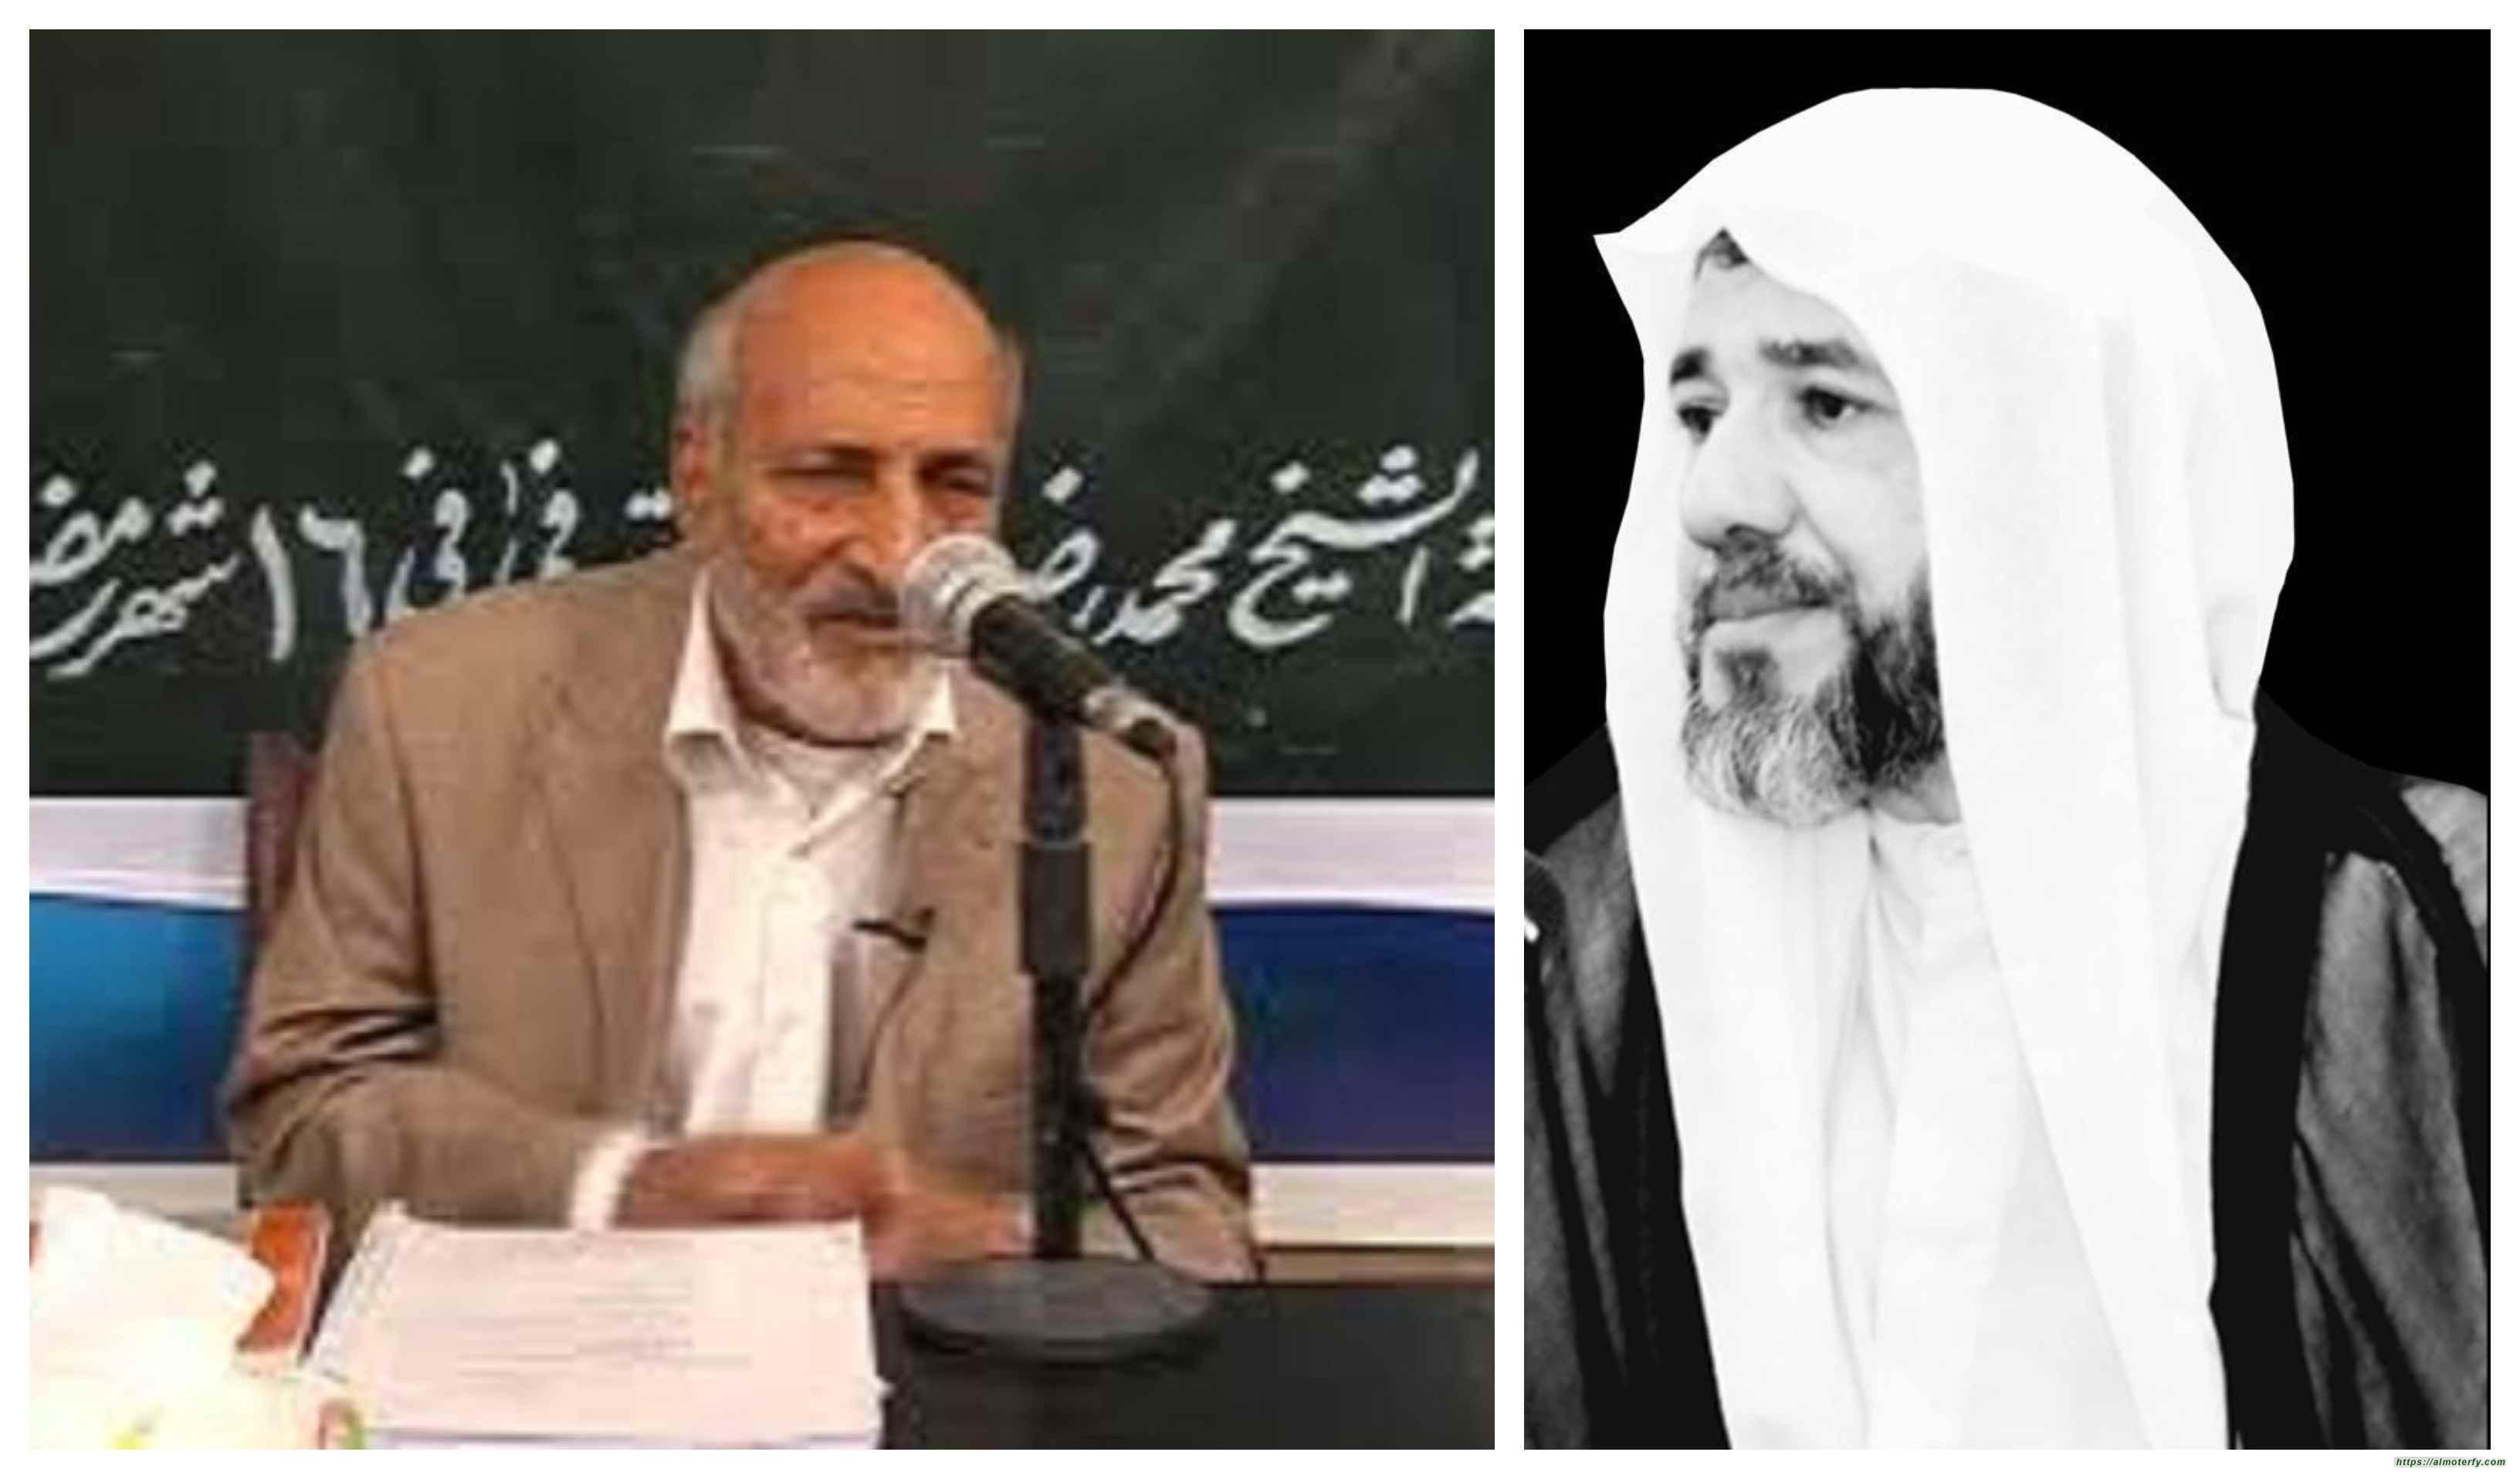 الشيخ الأمير ينعى الدكتور الشيخ المظفر (رحمه الله تعالى)